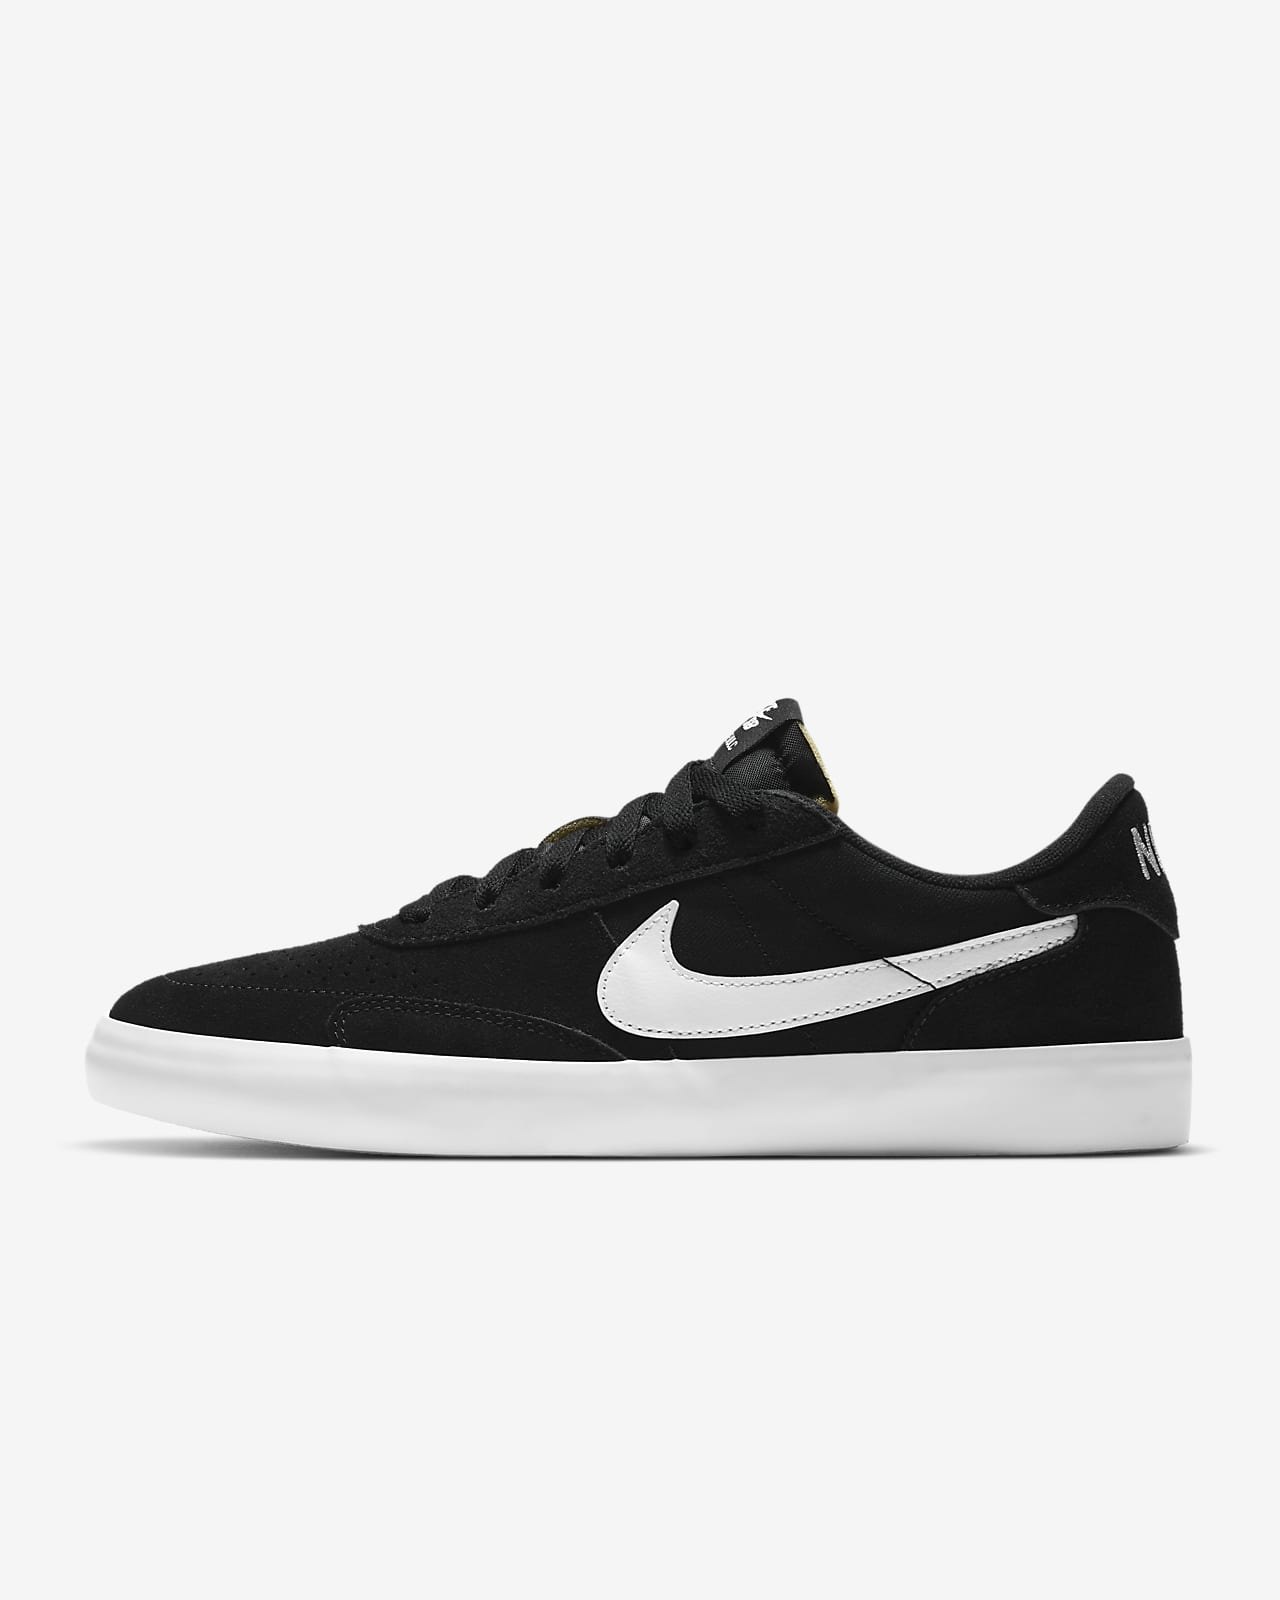 Nike SB Heritage Vulc Skate Shoes